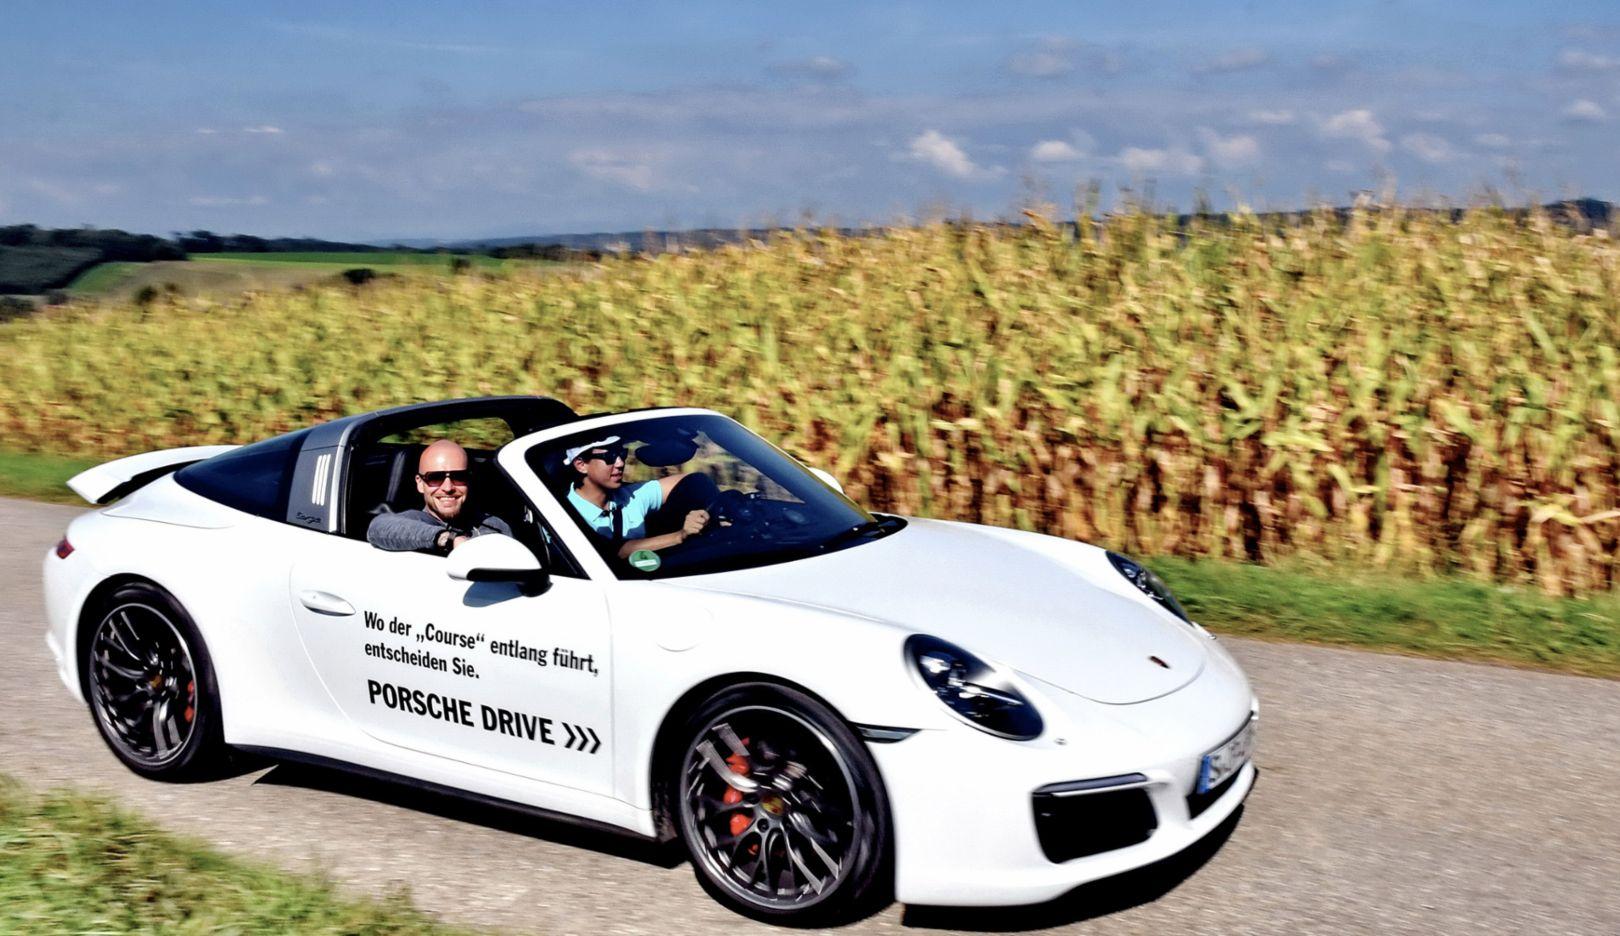 Mateo und Chino, Bandmitglieder von Culcha Candela, 911 Targa 4S, Porsche European Open, Bad Griesbach, 2016, Porsche AG